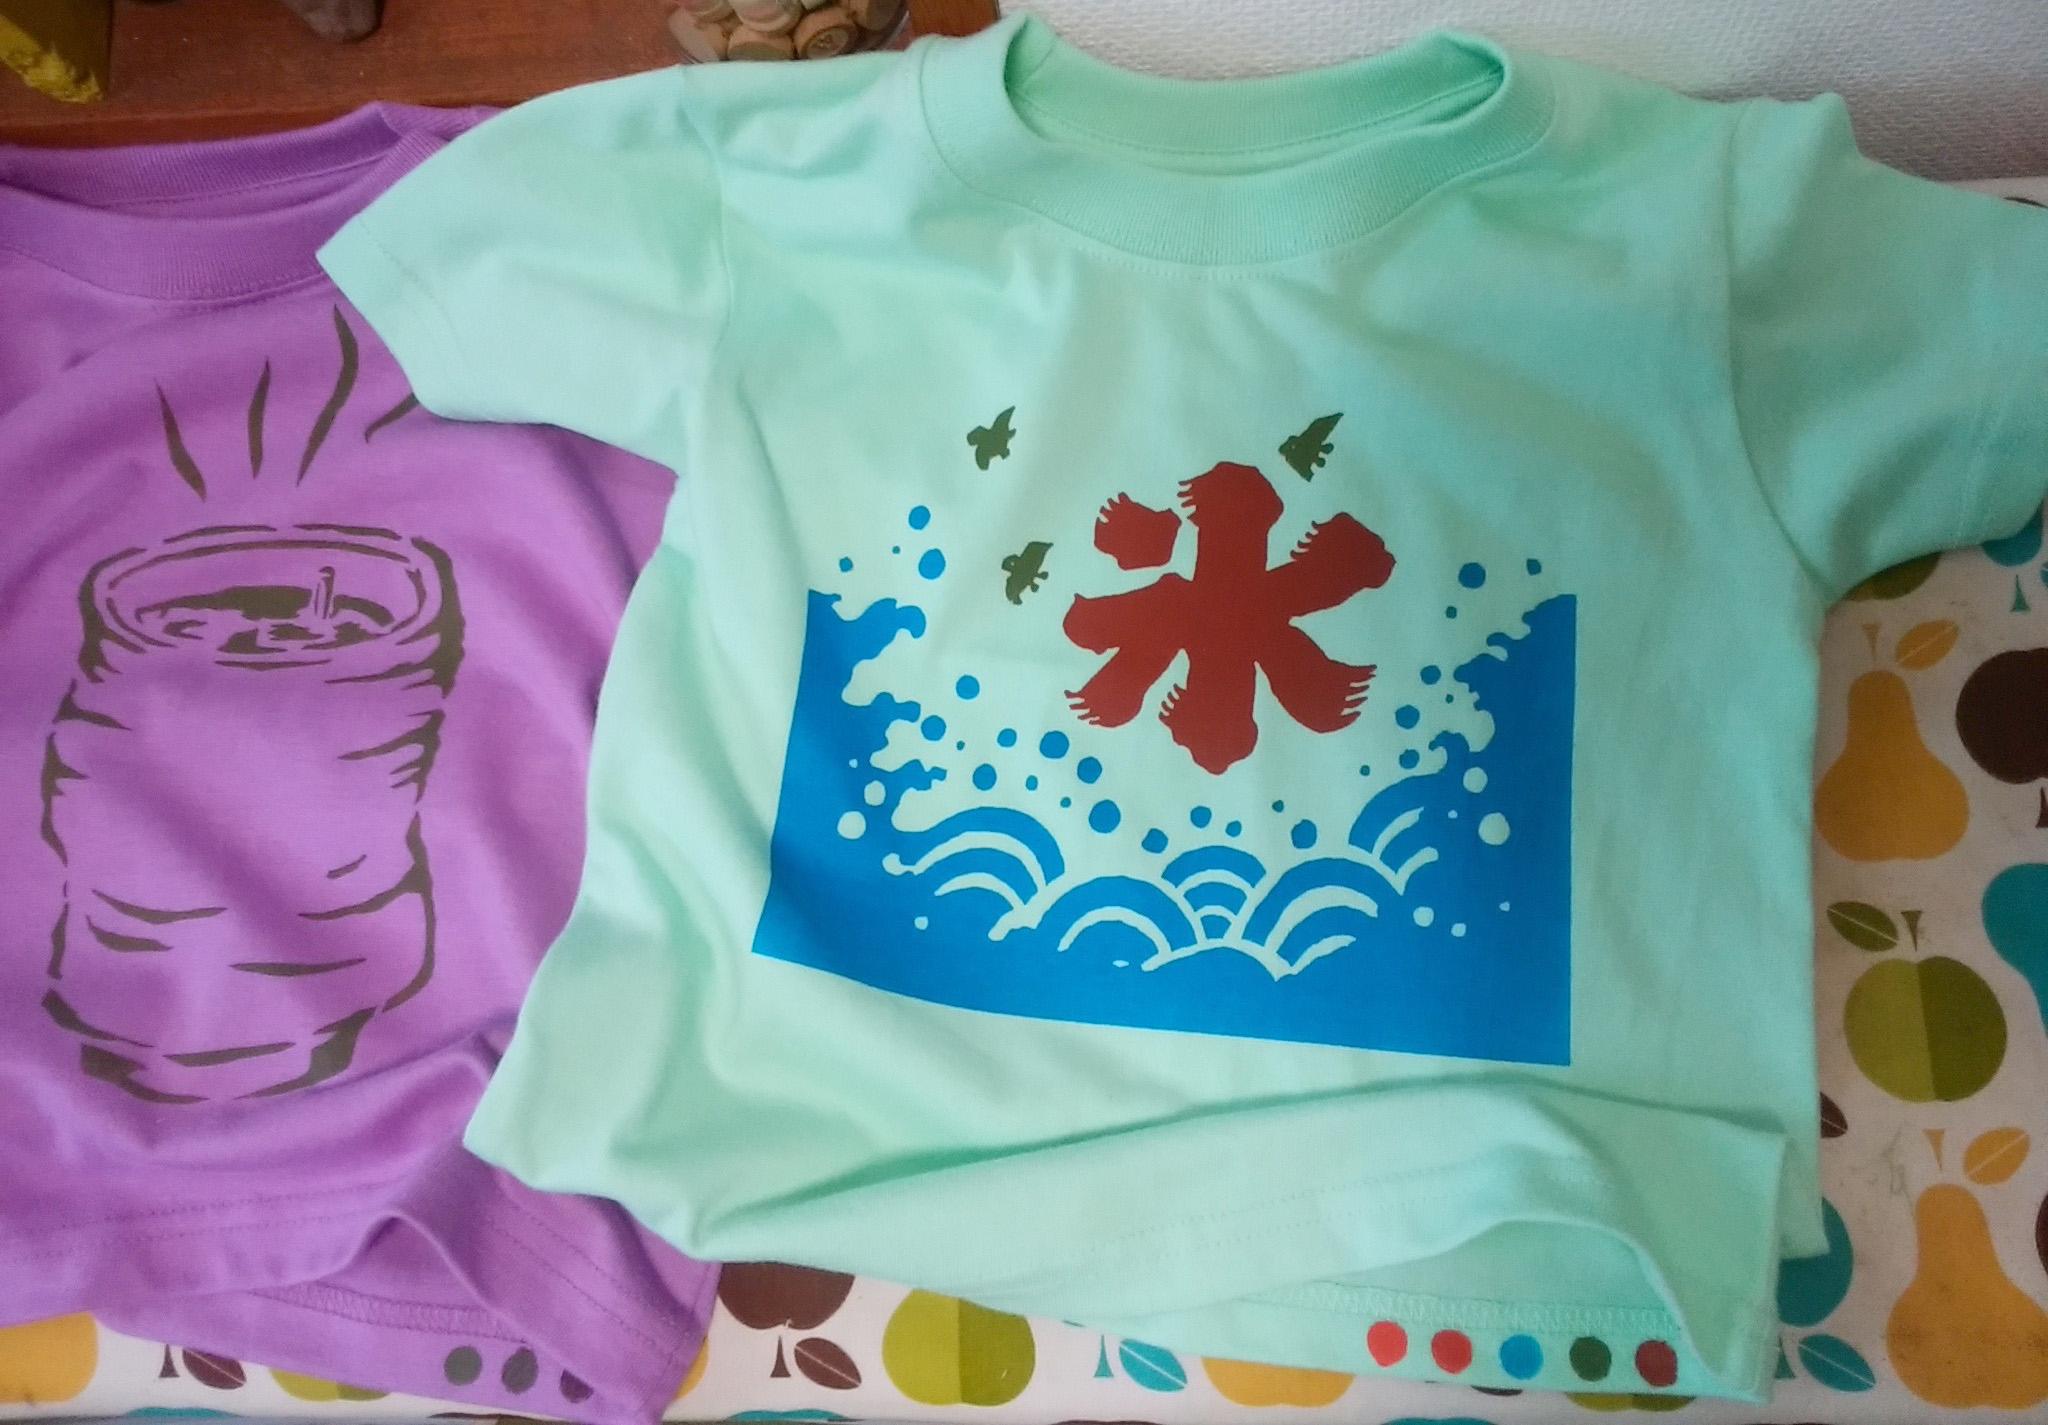 Tシャツプリント/カスタムオーダーアイテム